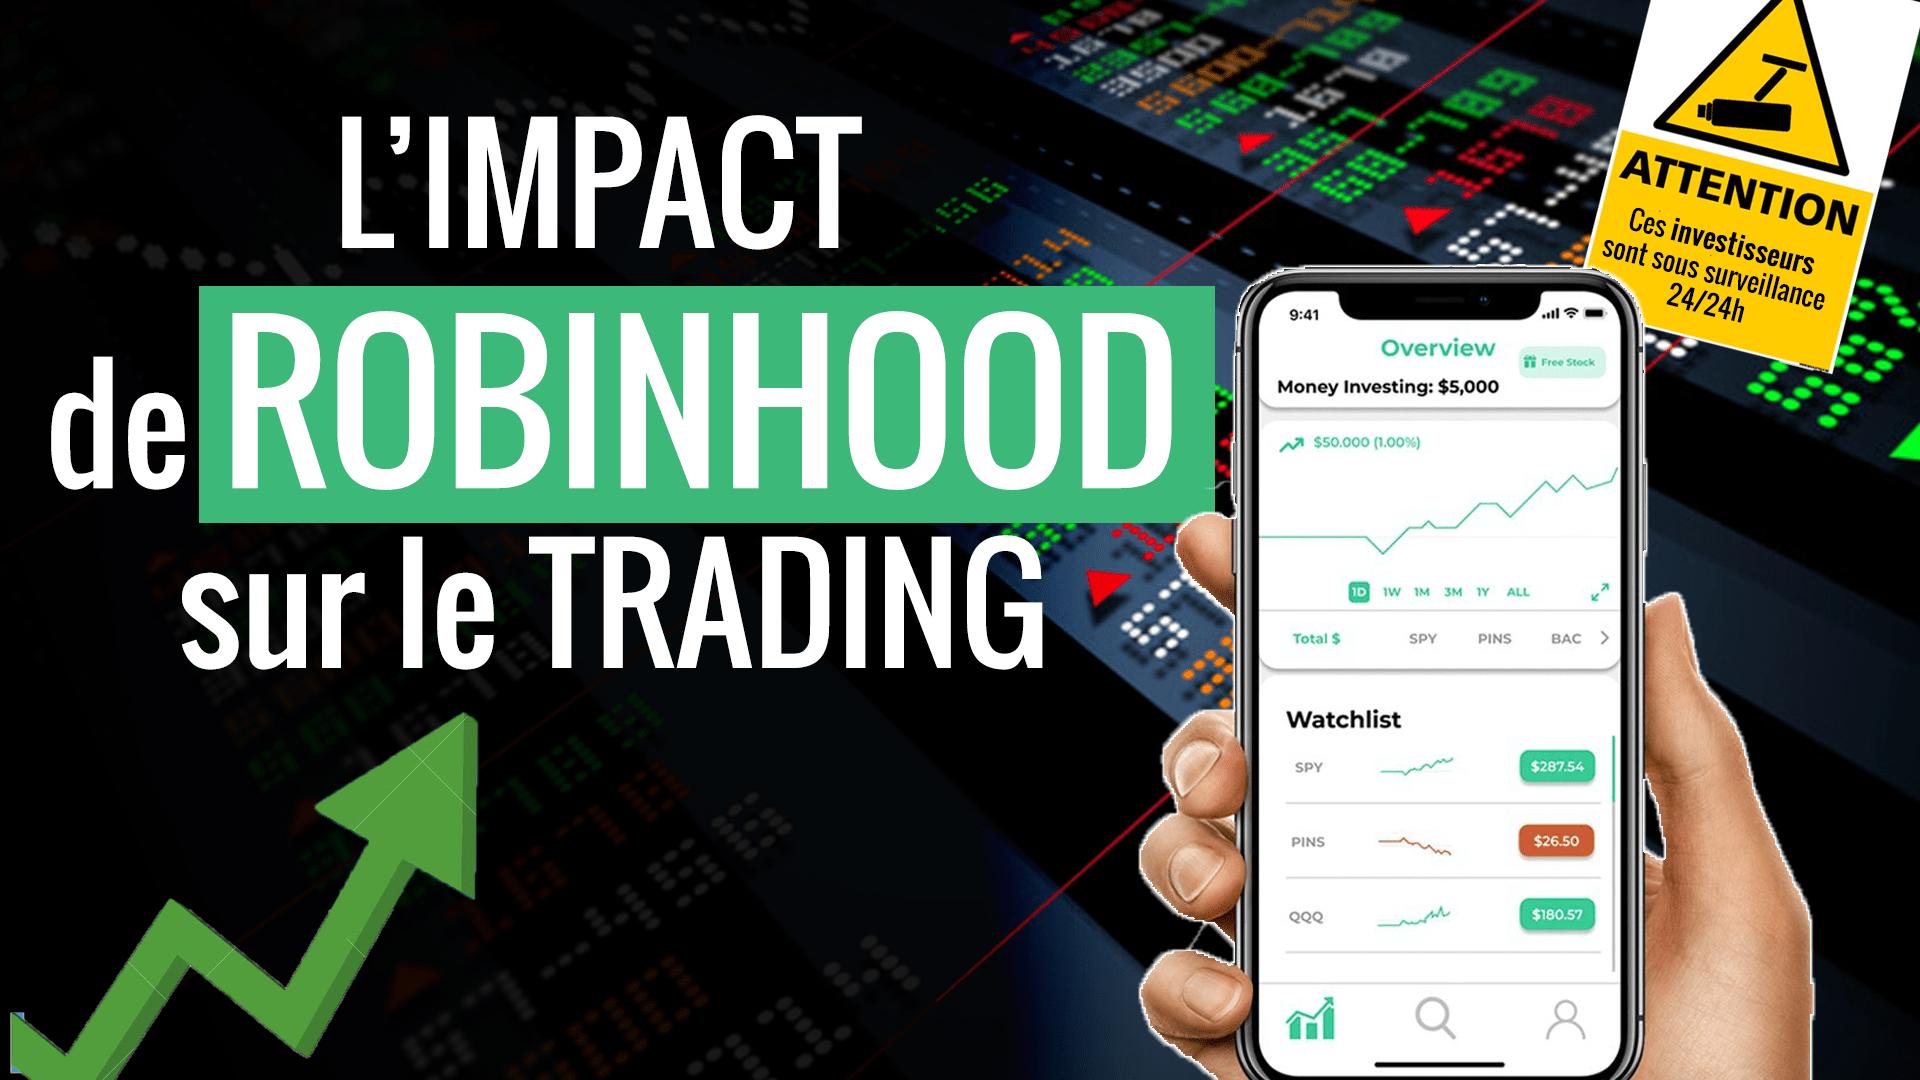 L'impact de ROBINHOOD sur le trading